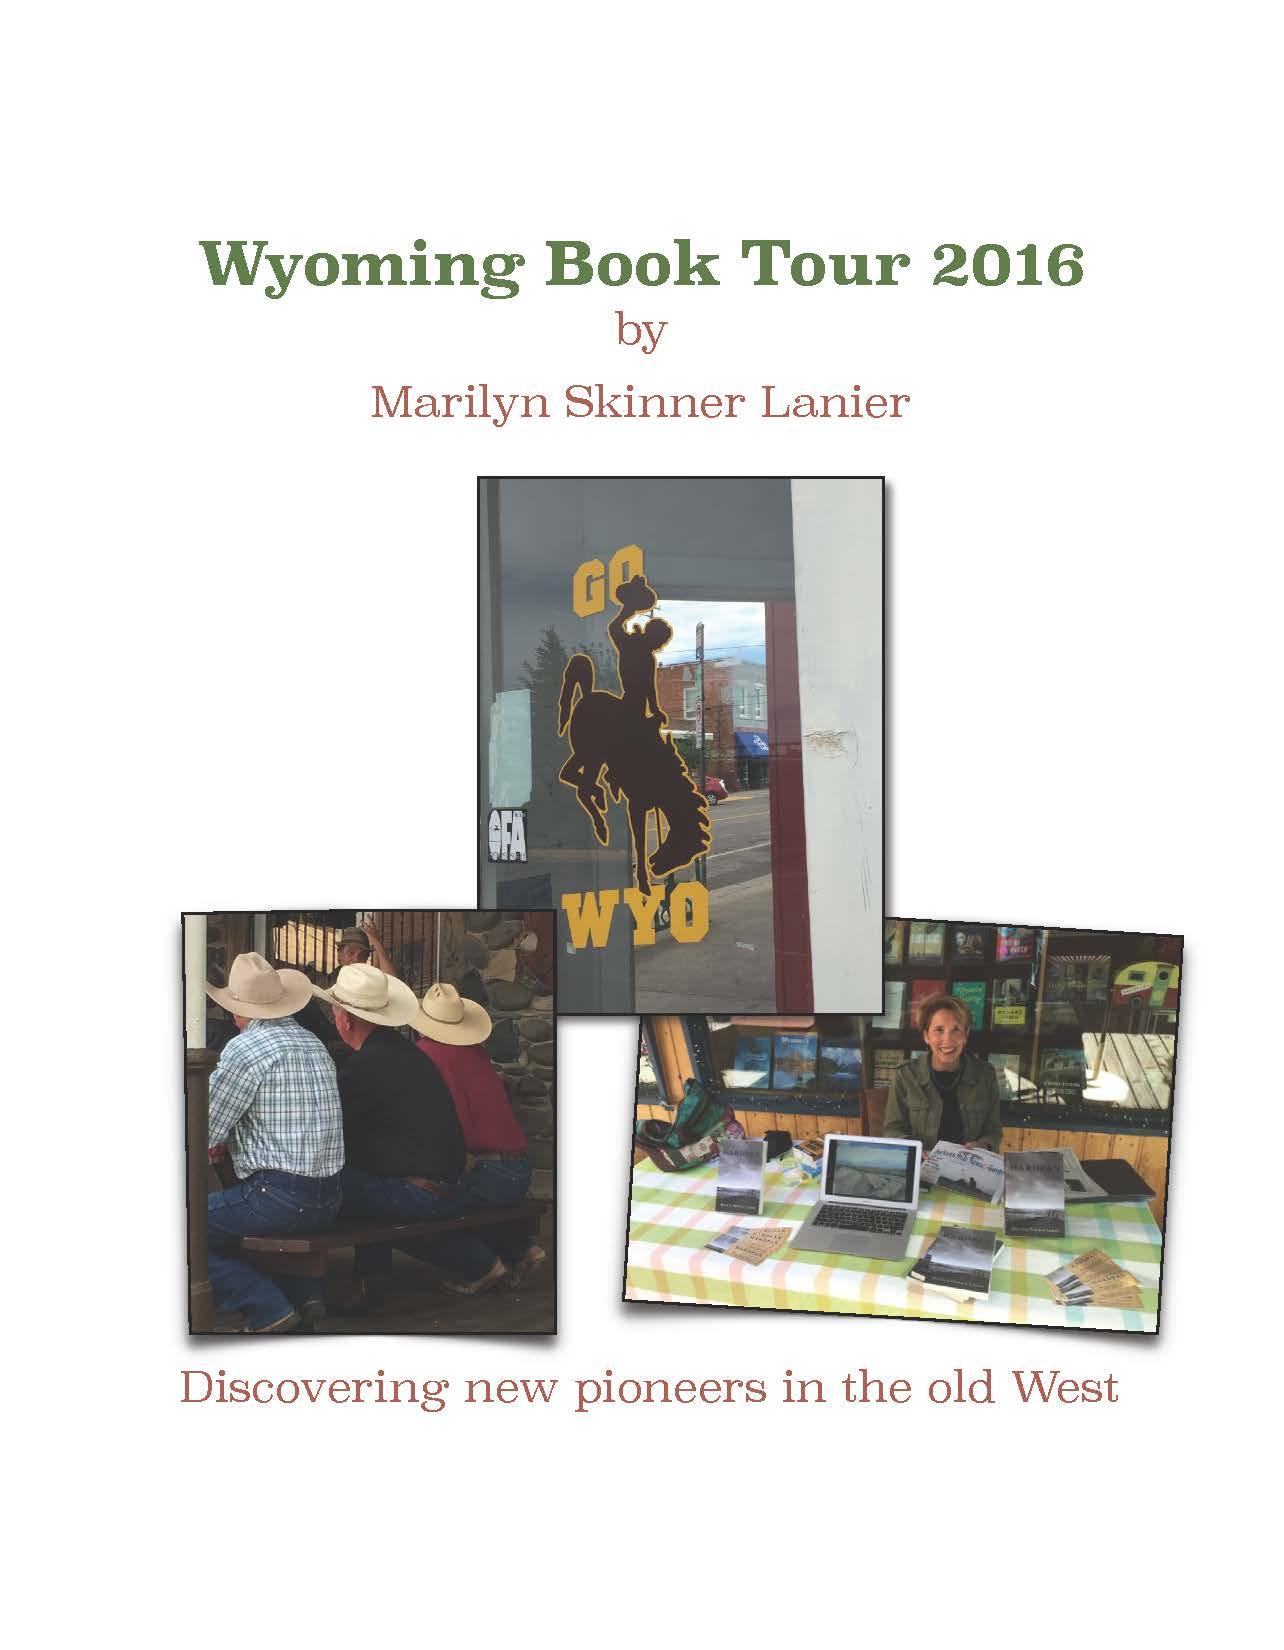 wyoming-book-tour-master-rev-10-23-16-1_page_01